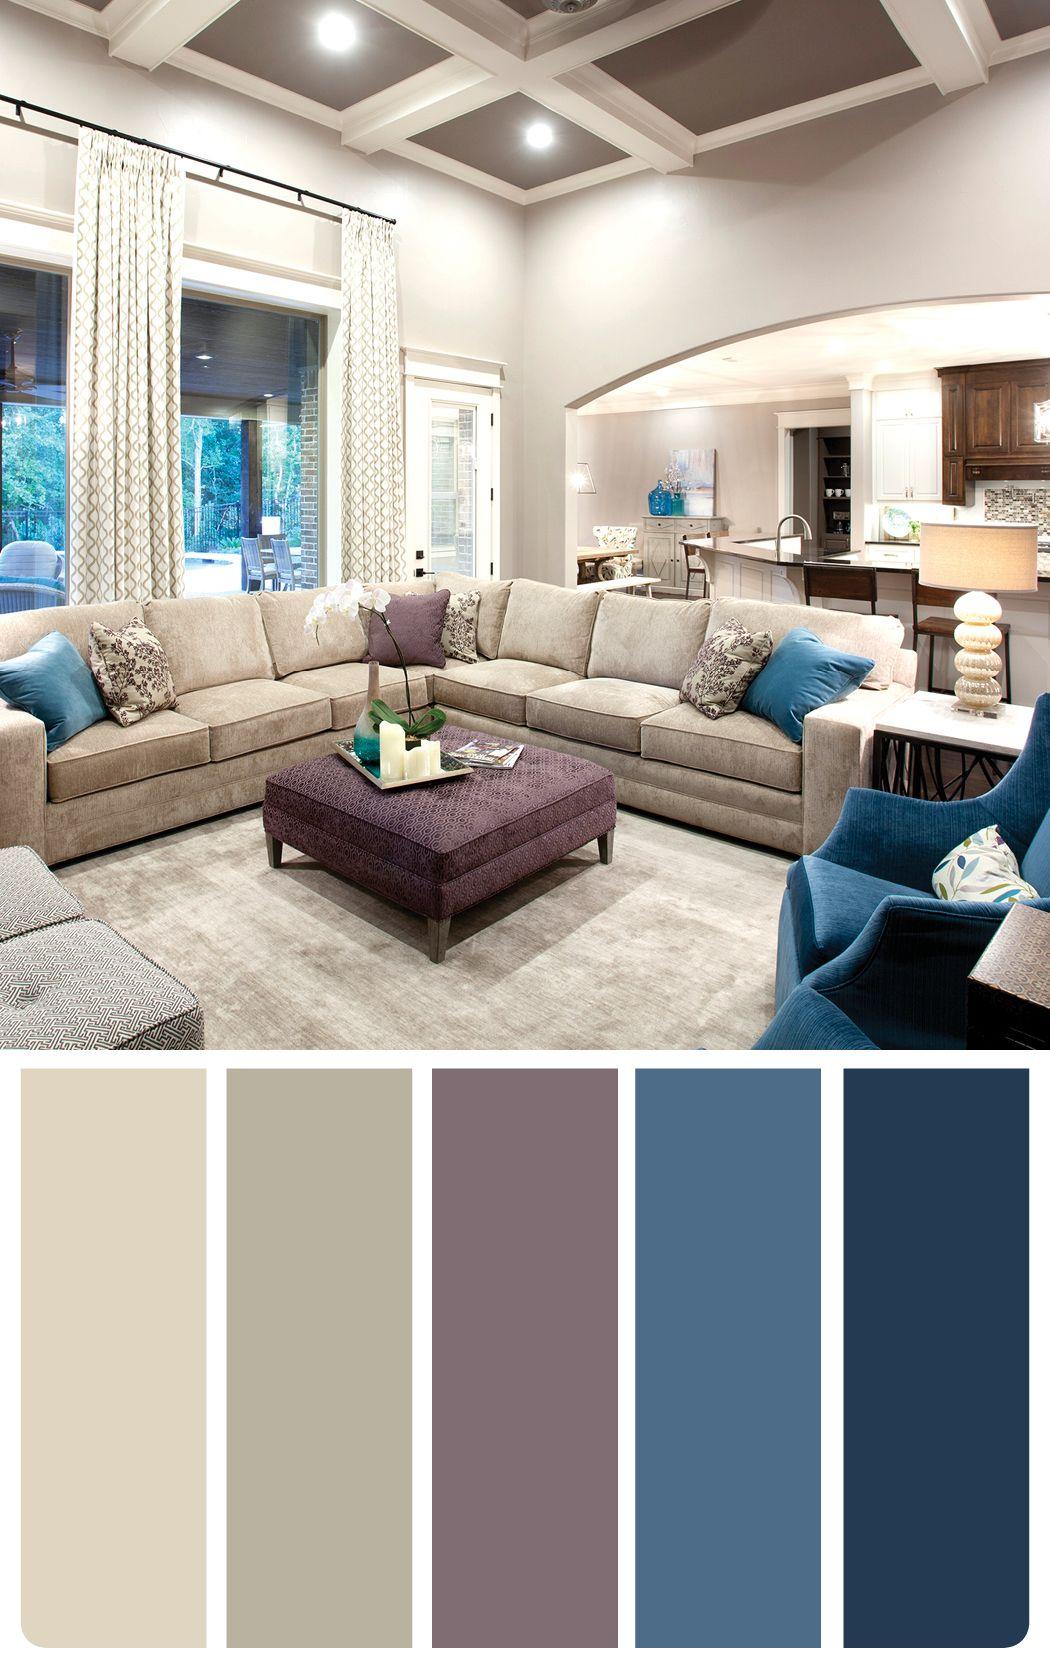 Design Using Color Palettes Color Palette Living Room Living Room Decor Colors Living Room Color Combination Decor colors living room